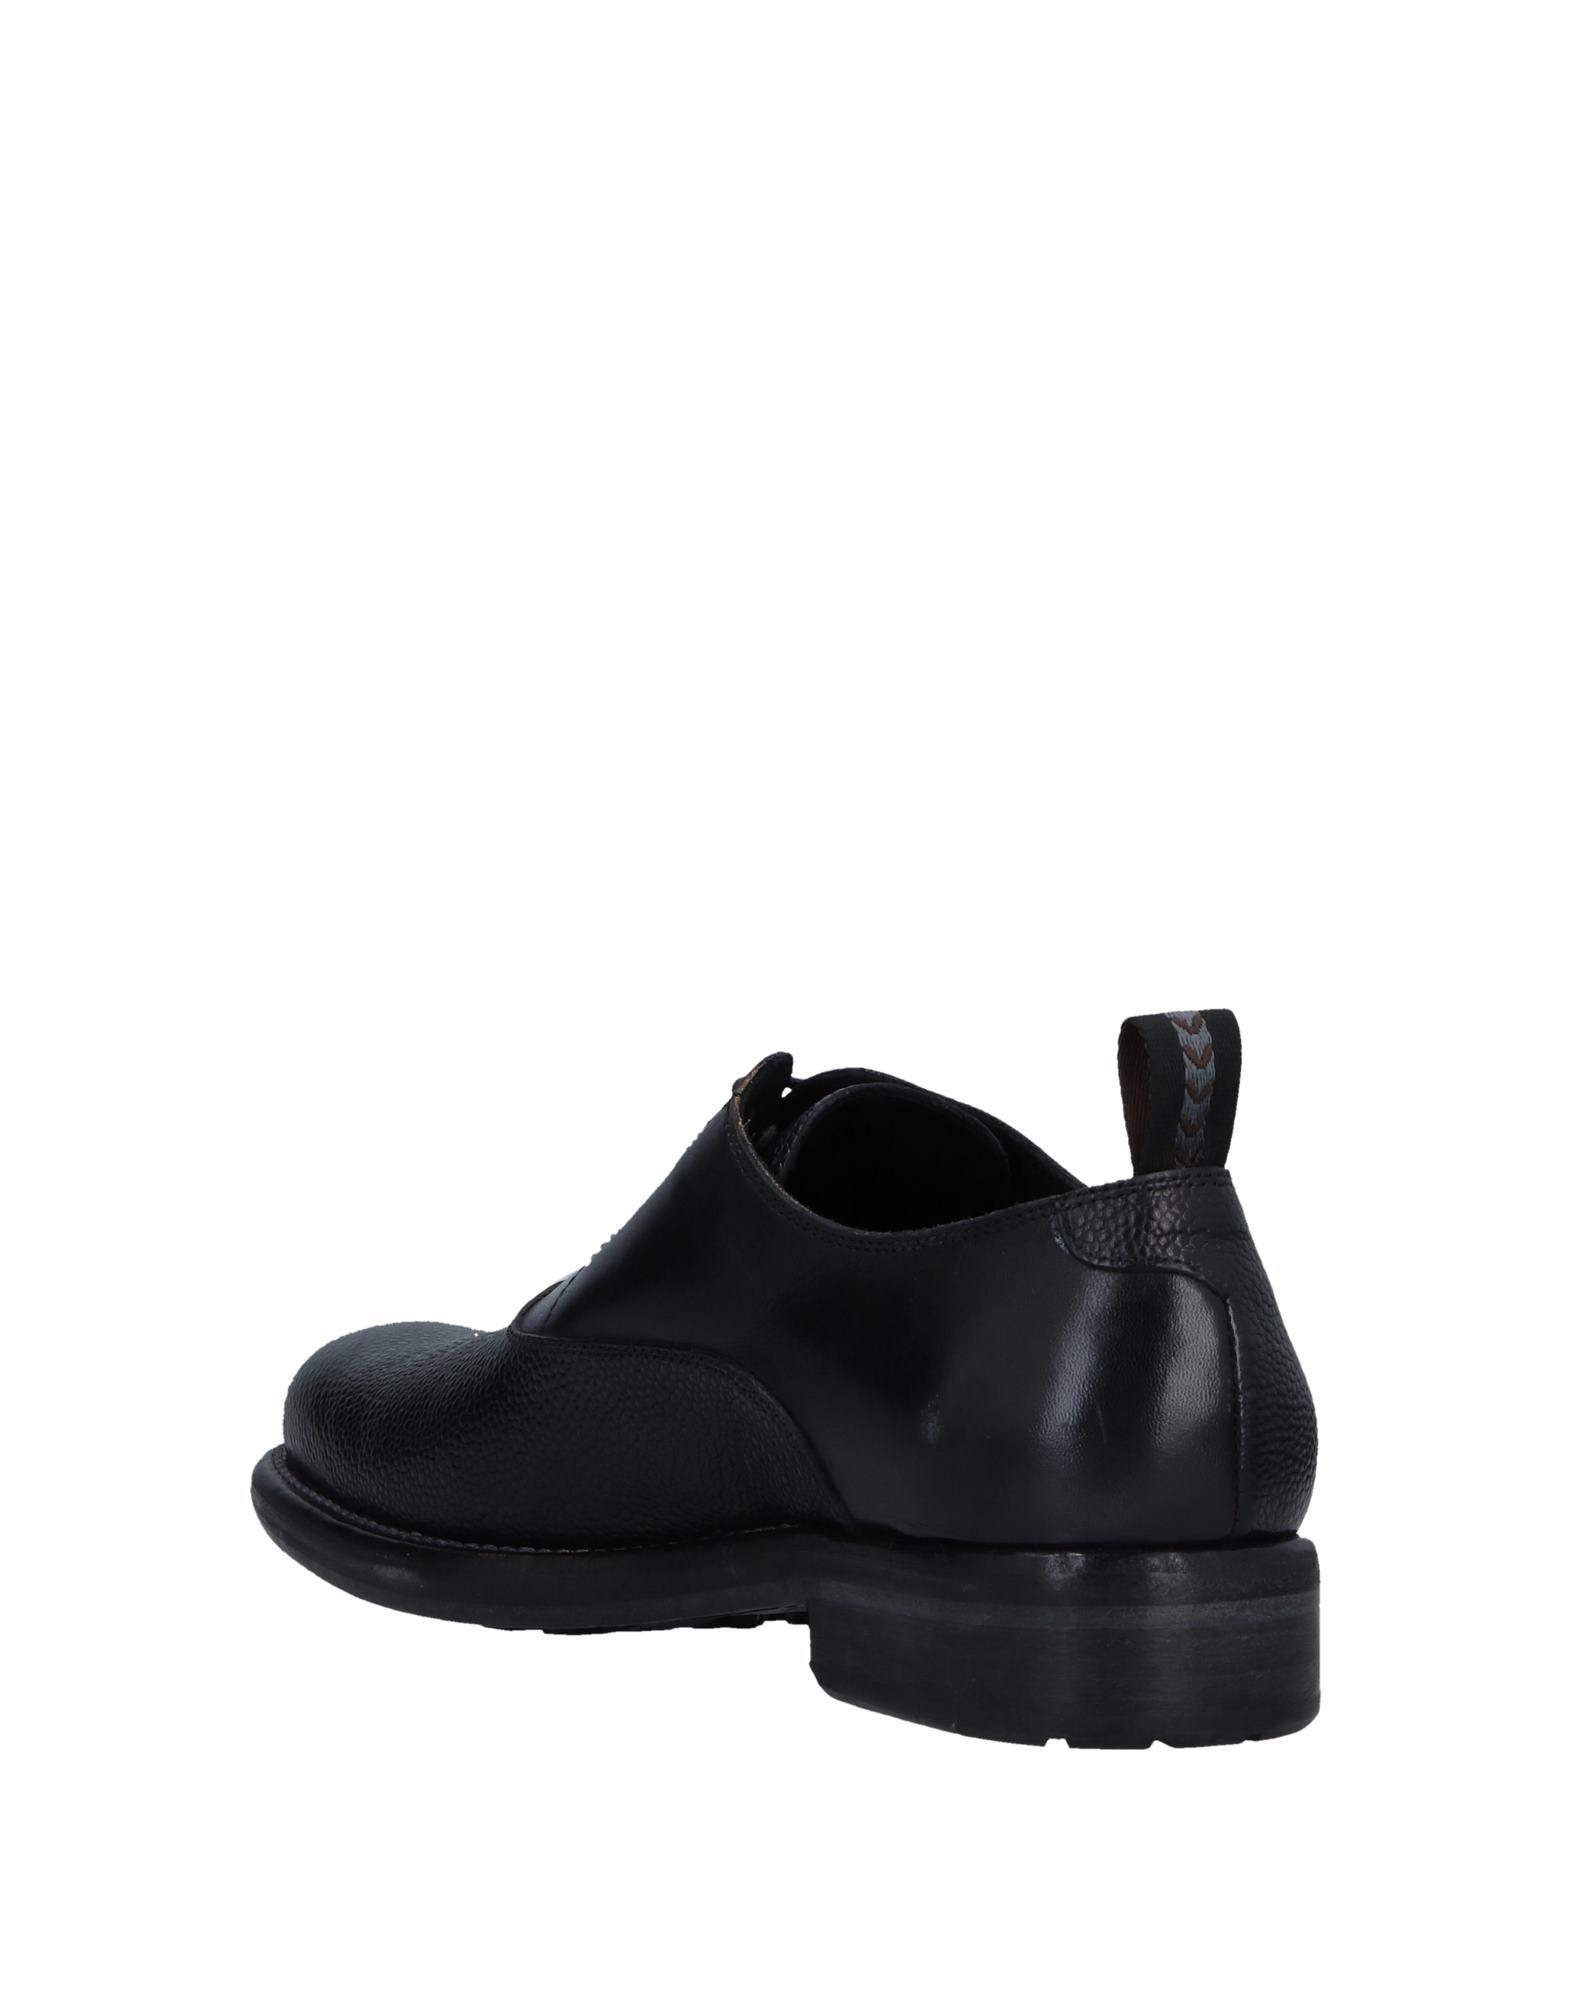 John Varvatos Schnürschuhe Herren  11535842PT Neue Schuhe